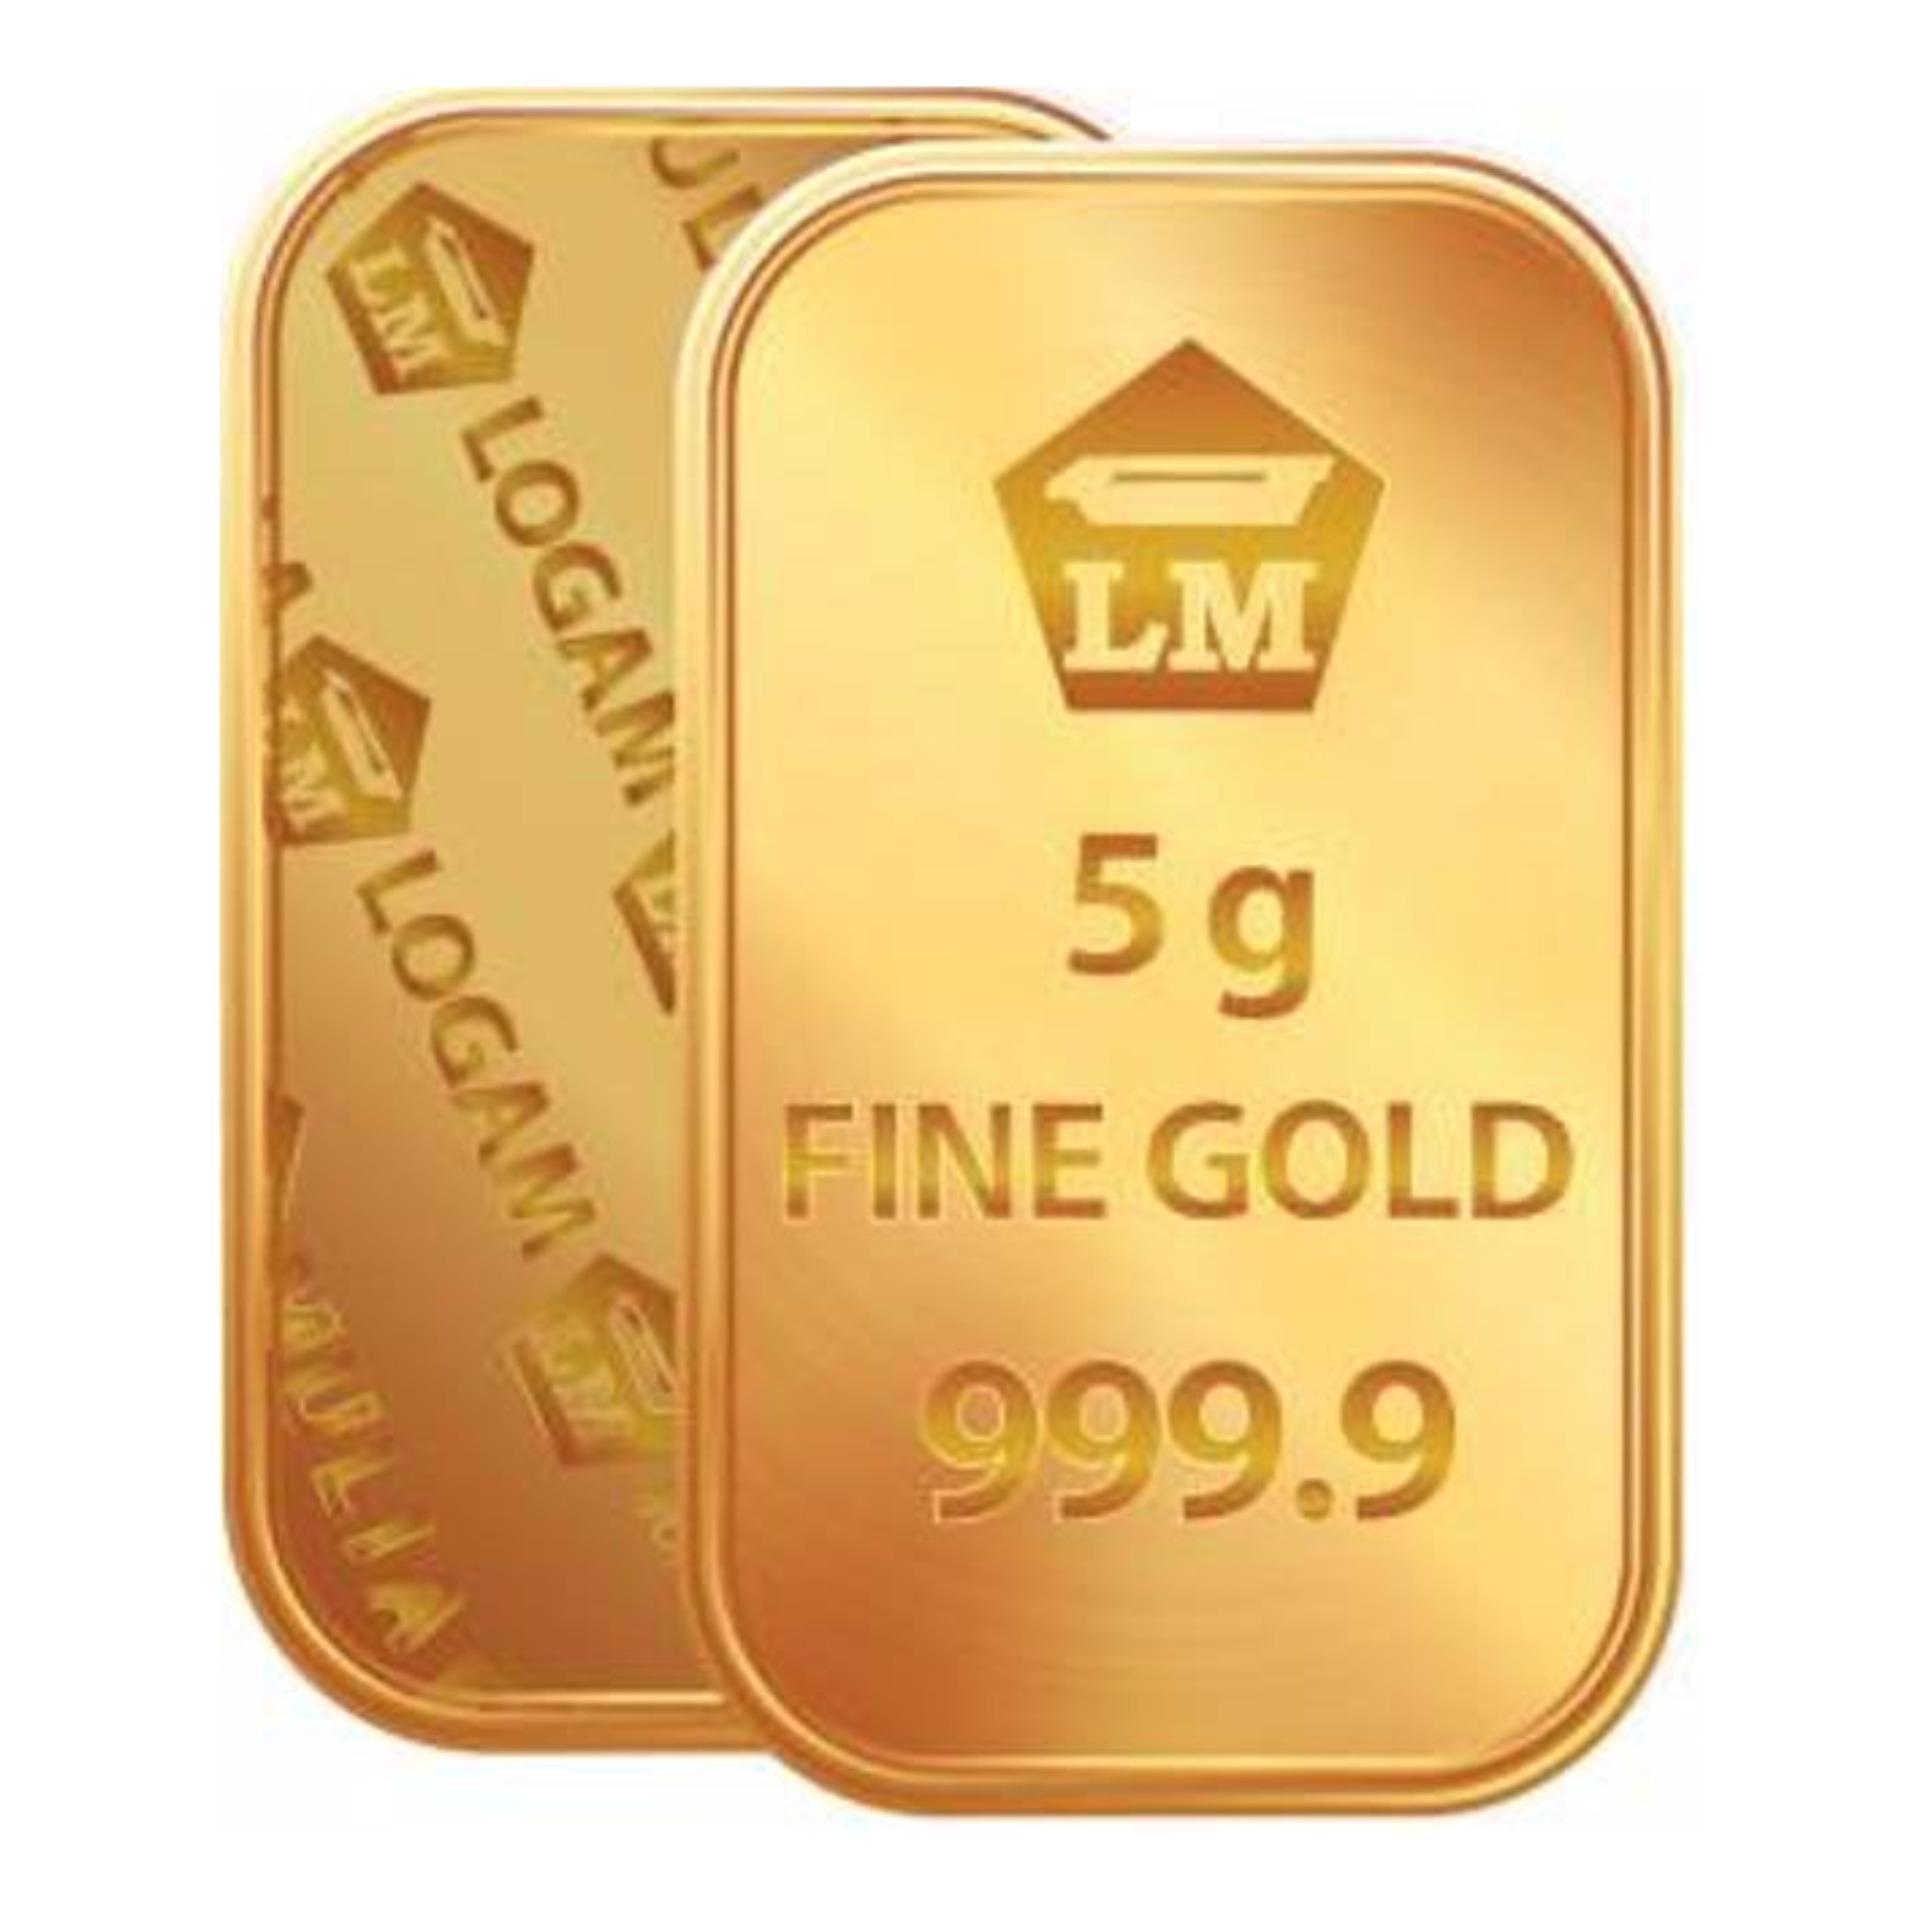 Gold Logam Mulia Antam 25 Gram 24 Karat Sertifikat Resmi Emas Ubs 1 Muliagaransi Uang Kembali Include Source Penawaran Bagus Lm Asli